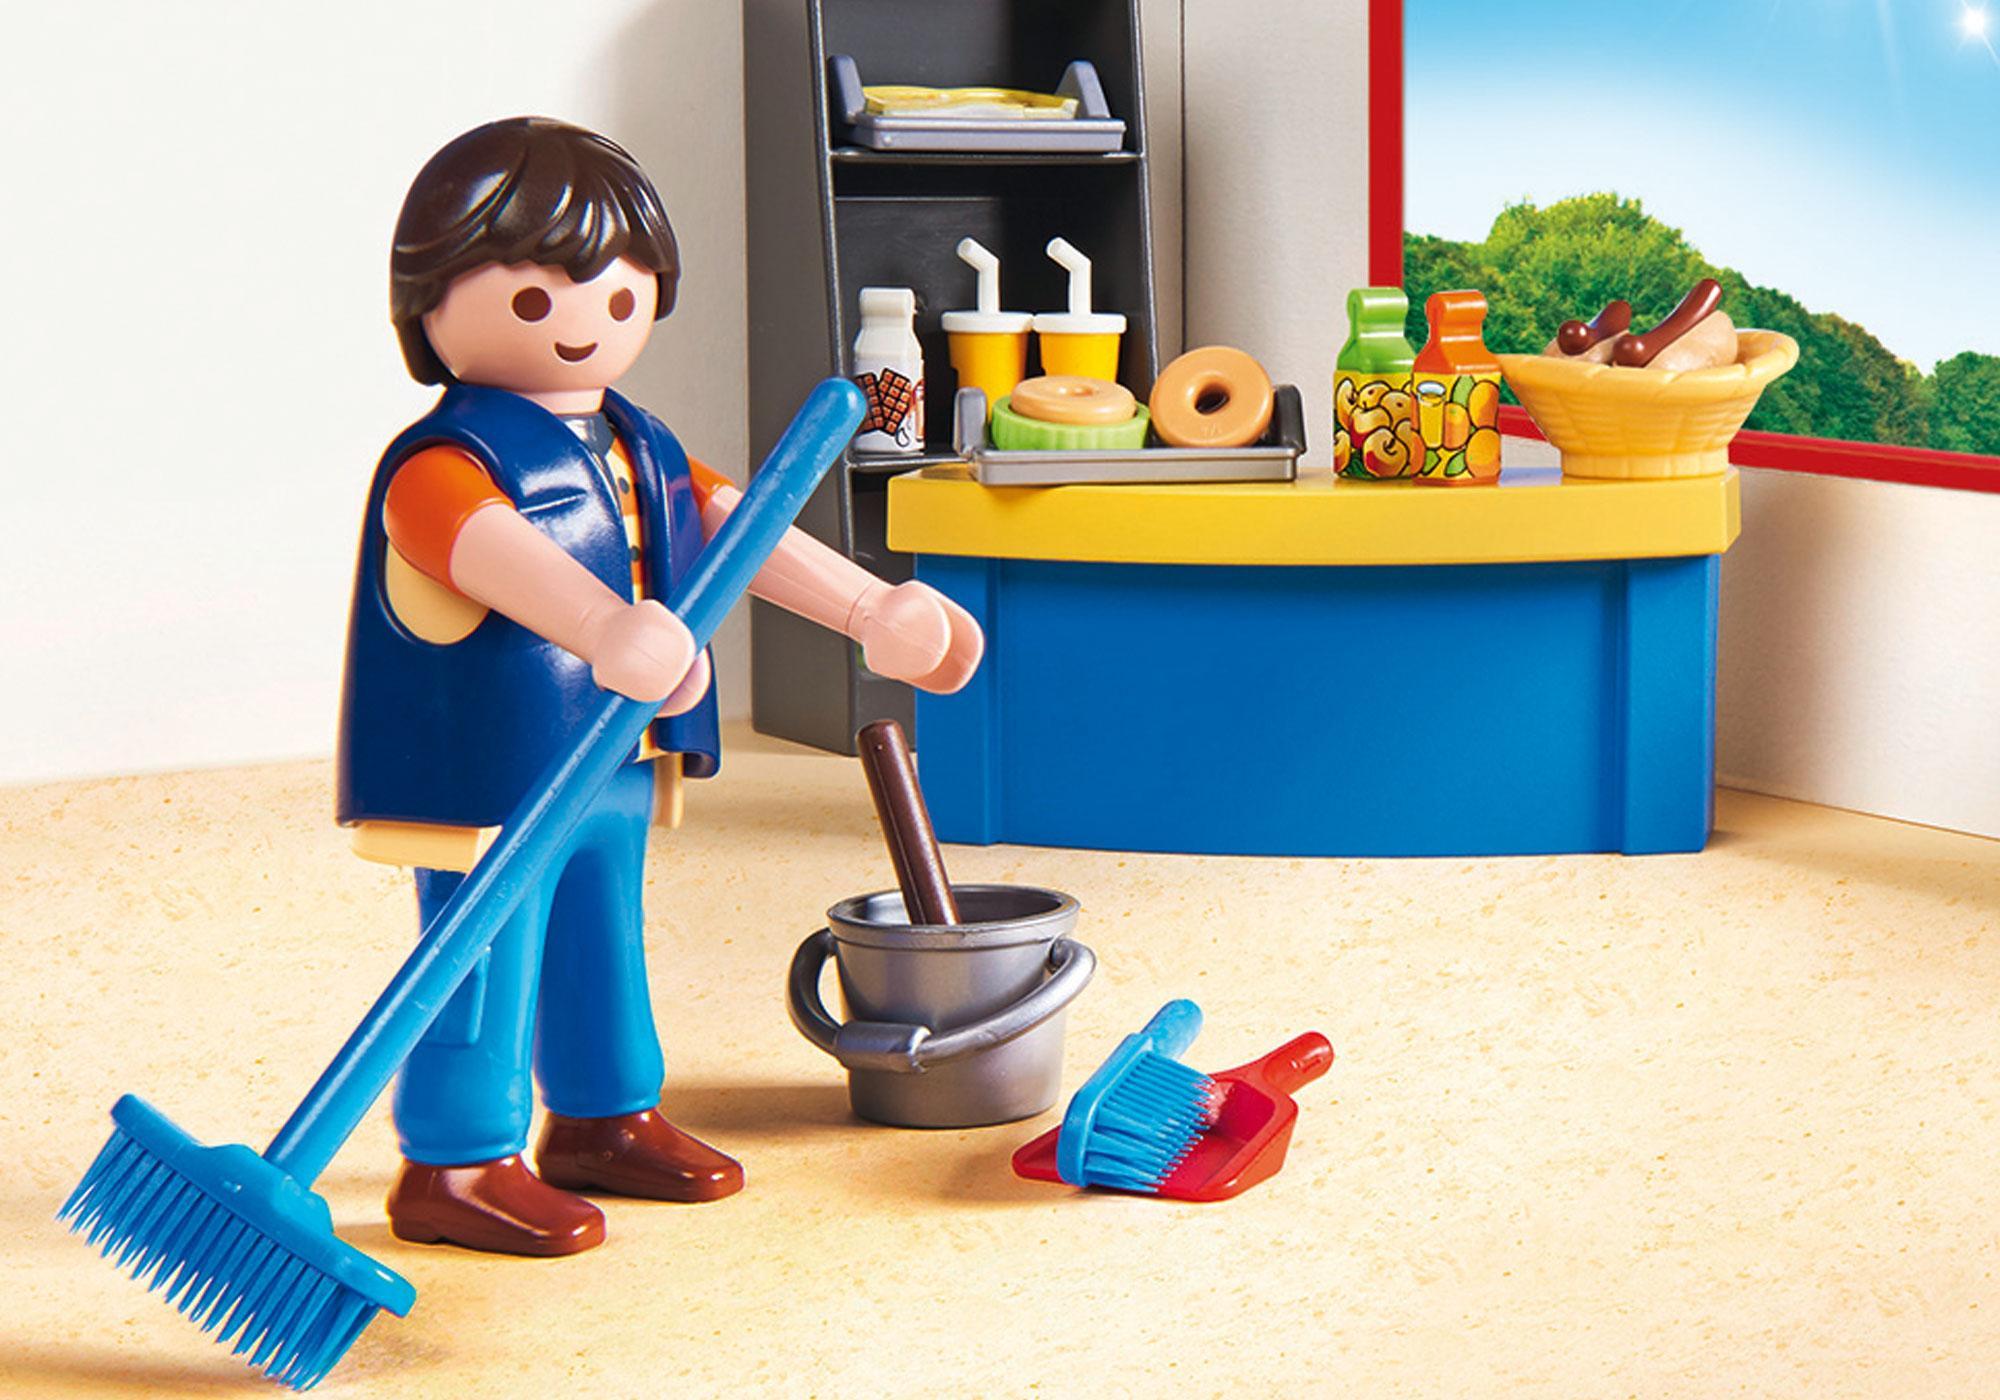 http://media.playmobil.com/i/playmobil/9457_product_extra1/Surveillant avec boutique